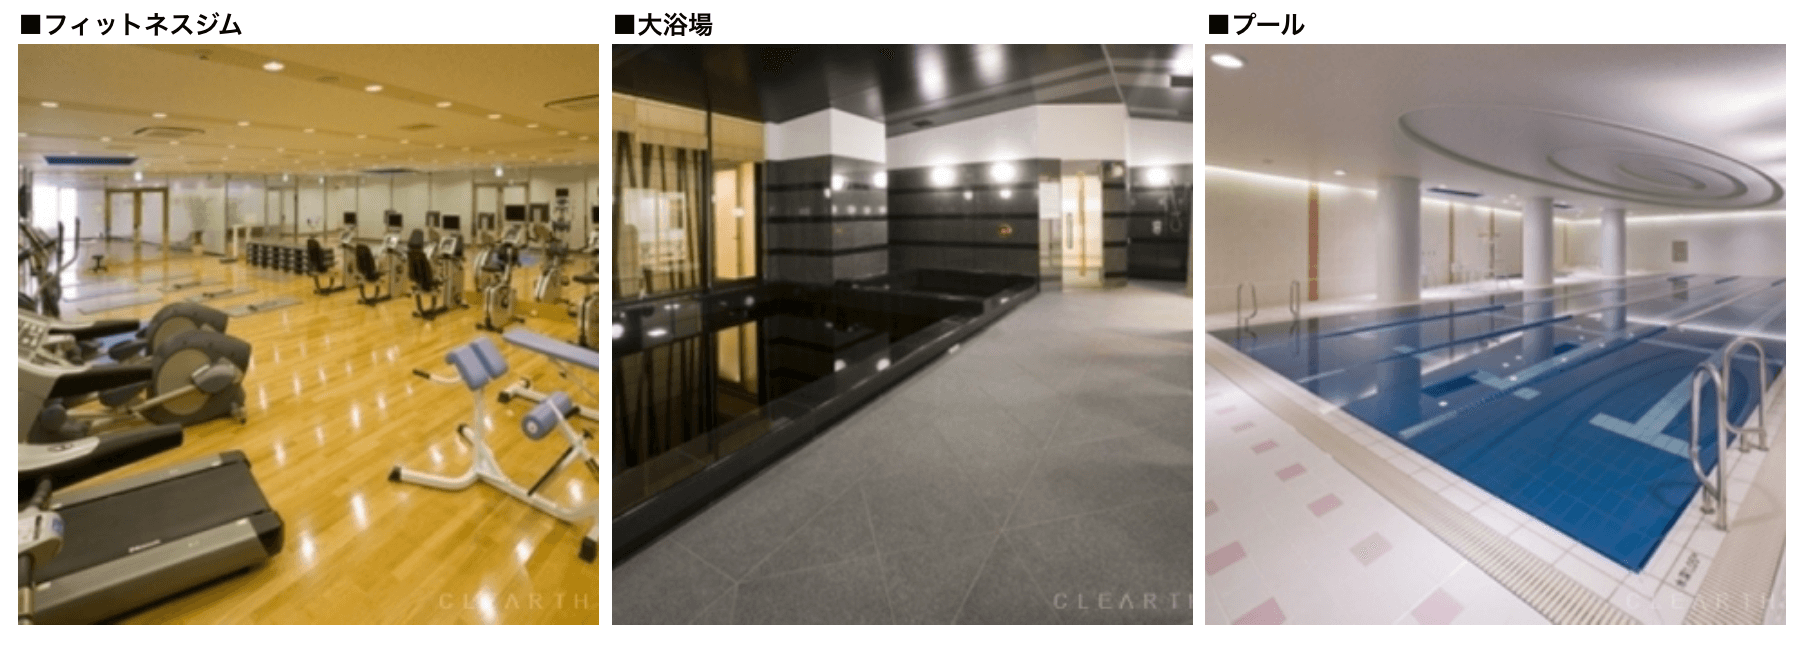 コンシェリア西新宿の共有施設イメージ